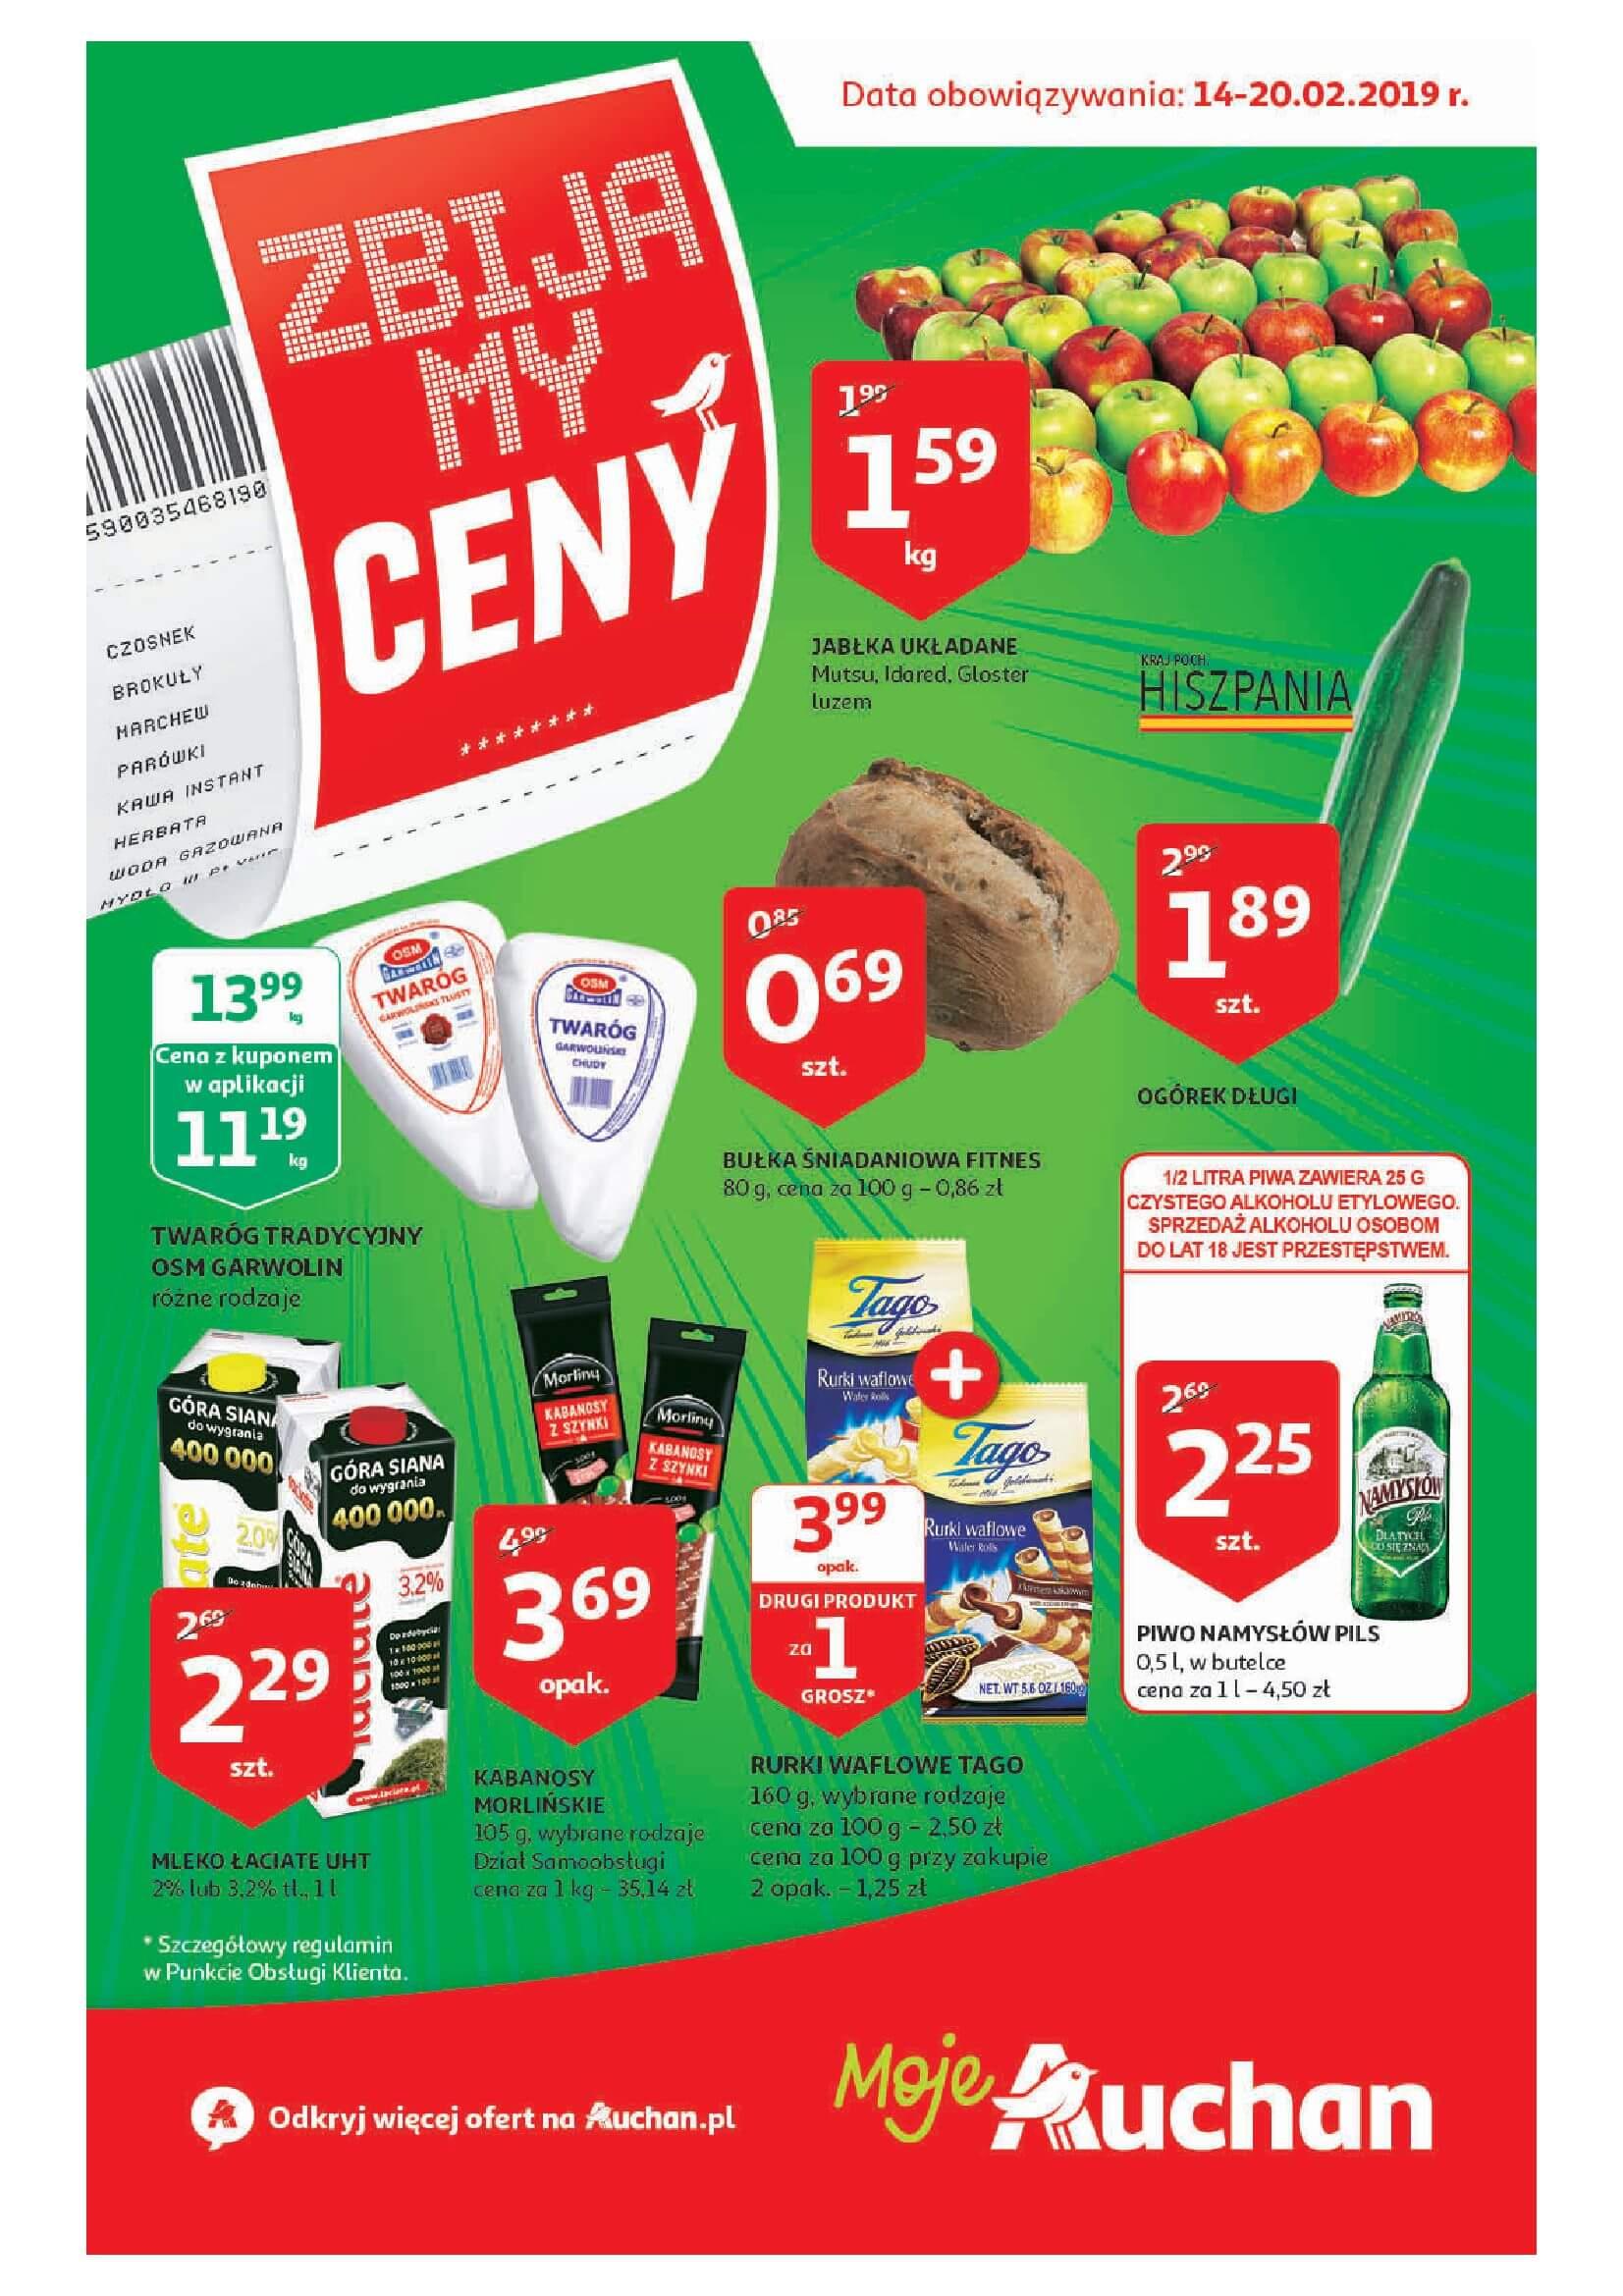 Gazetka Auchan - Zbijamy ceny cz. III - Moje Auchan-13.02.2019-20.02.2019-page-